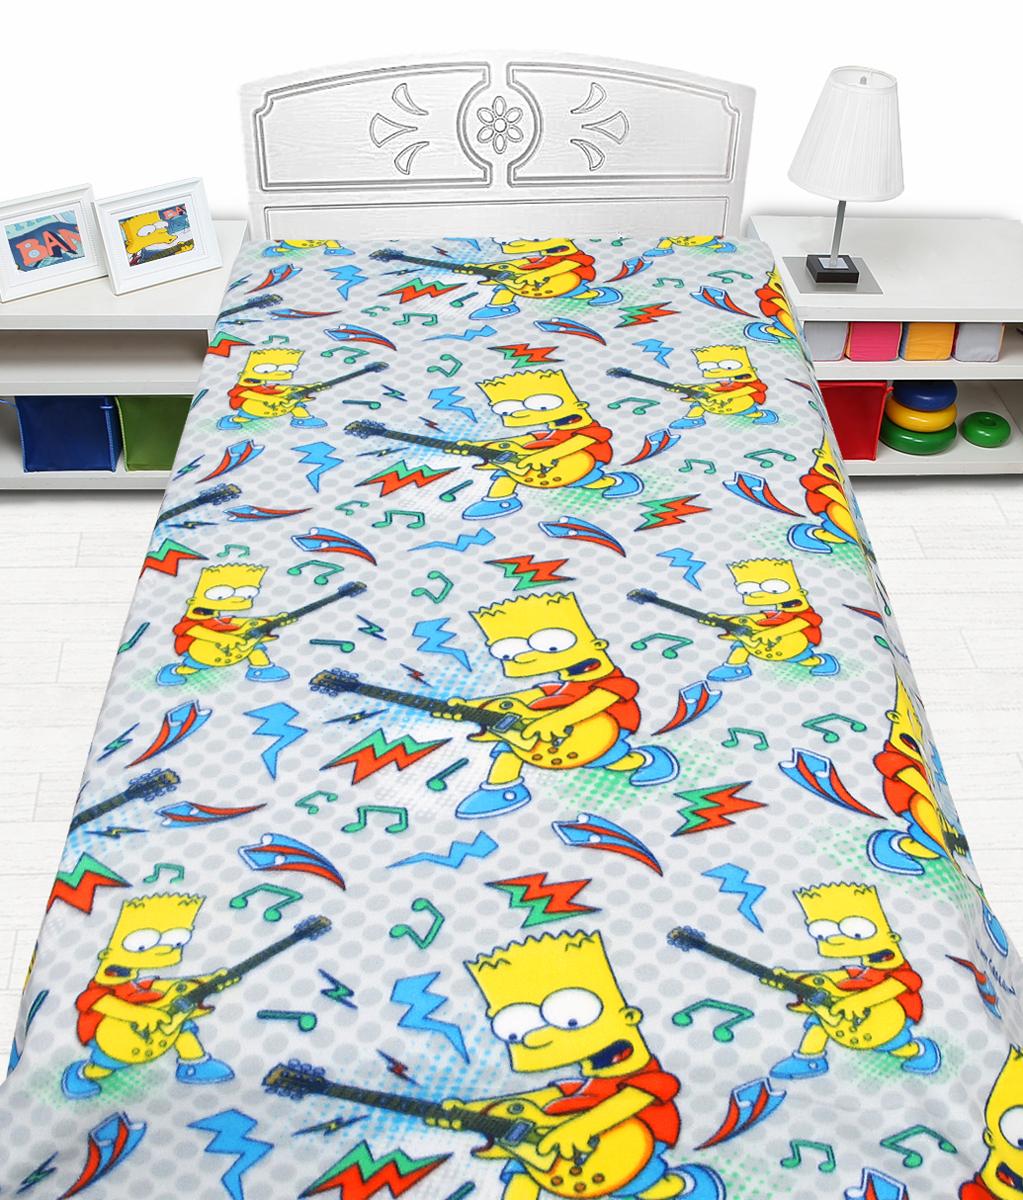 Плед флисовый Mona Liza Simpsons, цвет: серый, размер 150 см х 200 см520313Режим стирки: при 30 градусах; плотность плетения ткани: средняя